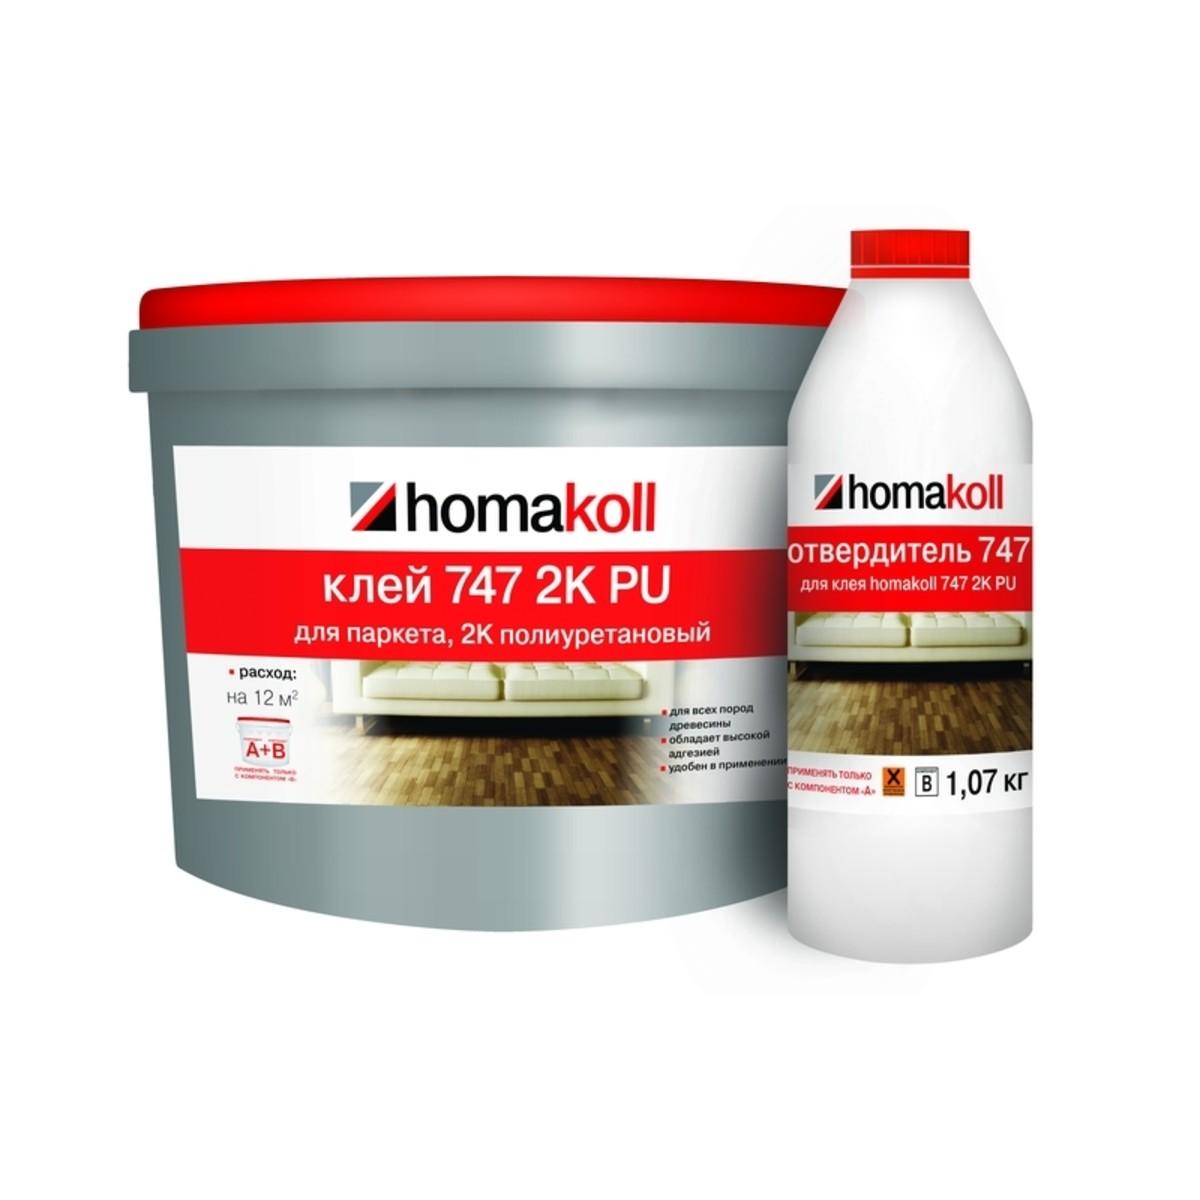 Клей двухкомпонентный для деревянных напольных покрытий Homakoll 747 7 кг